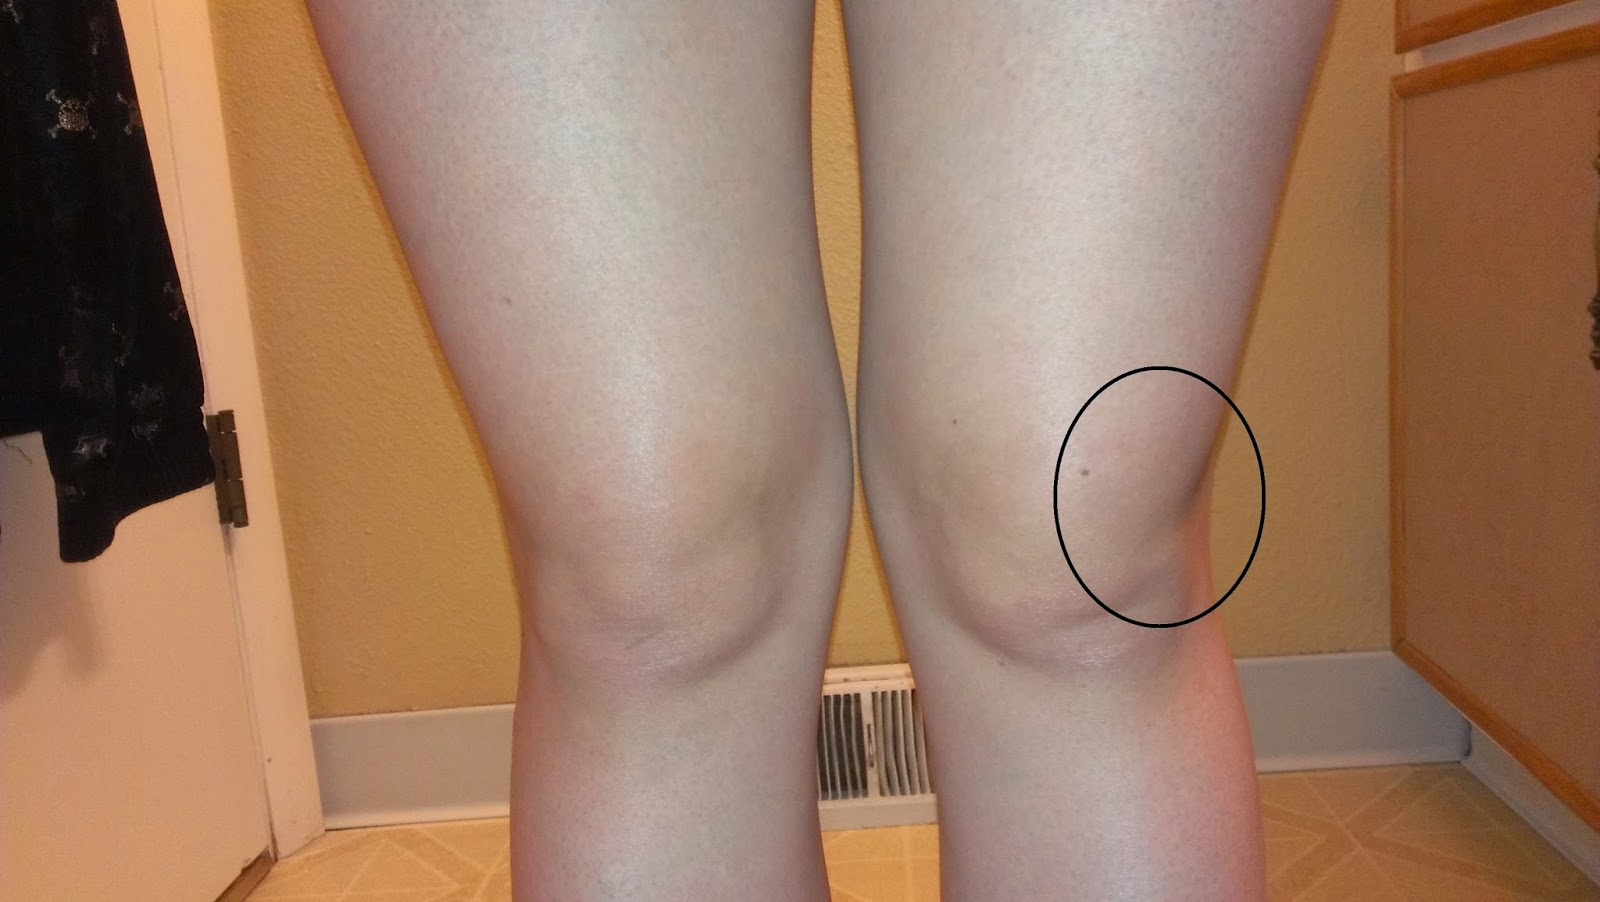 lichid în genunchi după accidentare